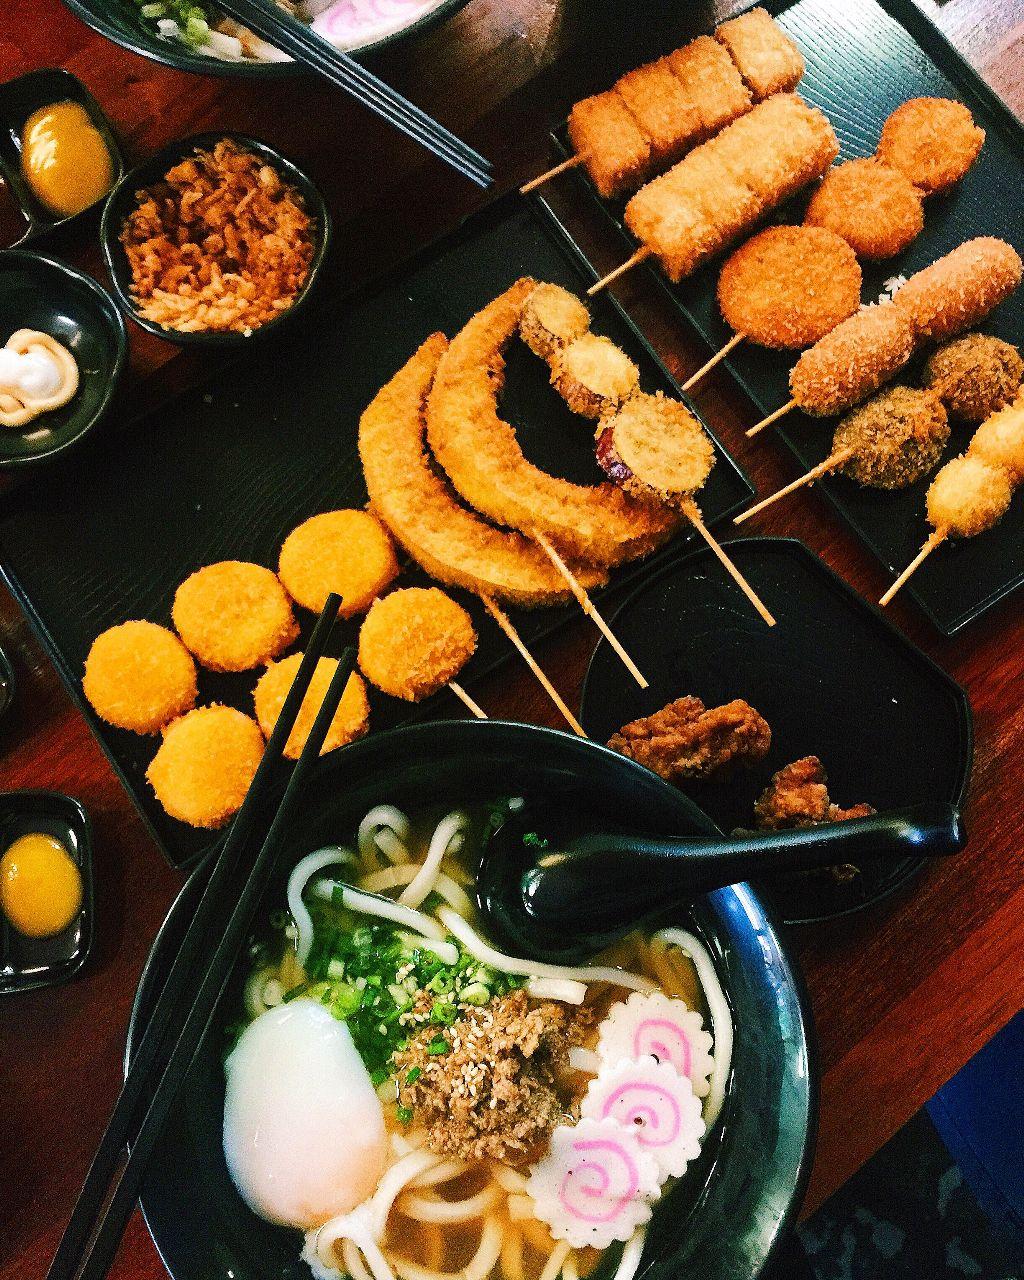 #udon #snacks #fried #seafood #vegetables #foods #foodlover